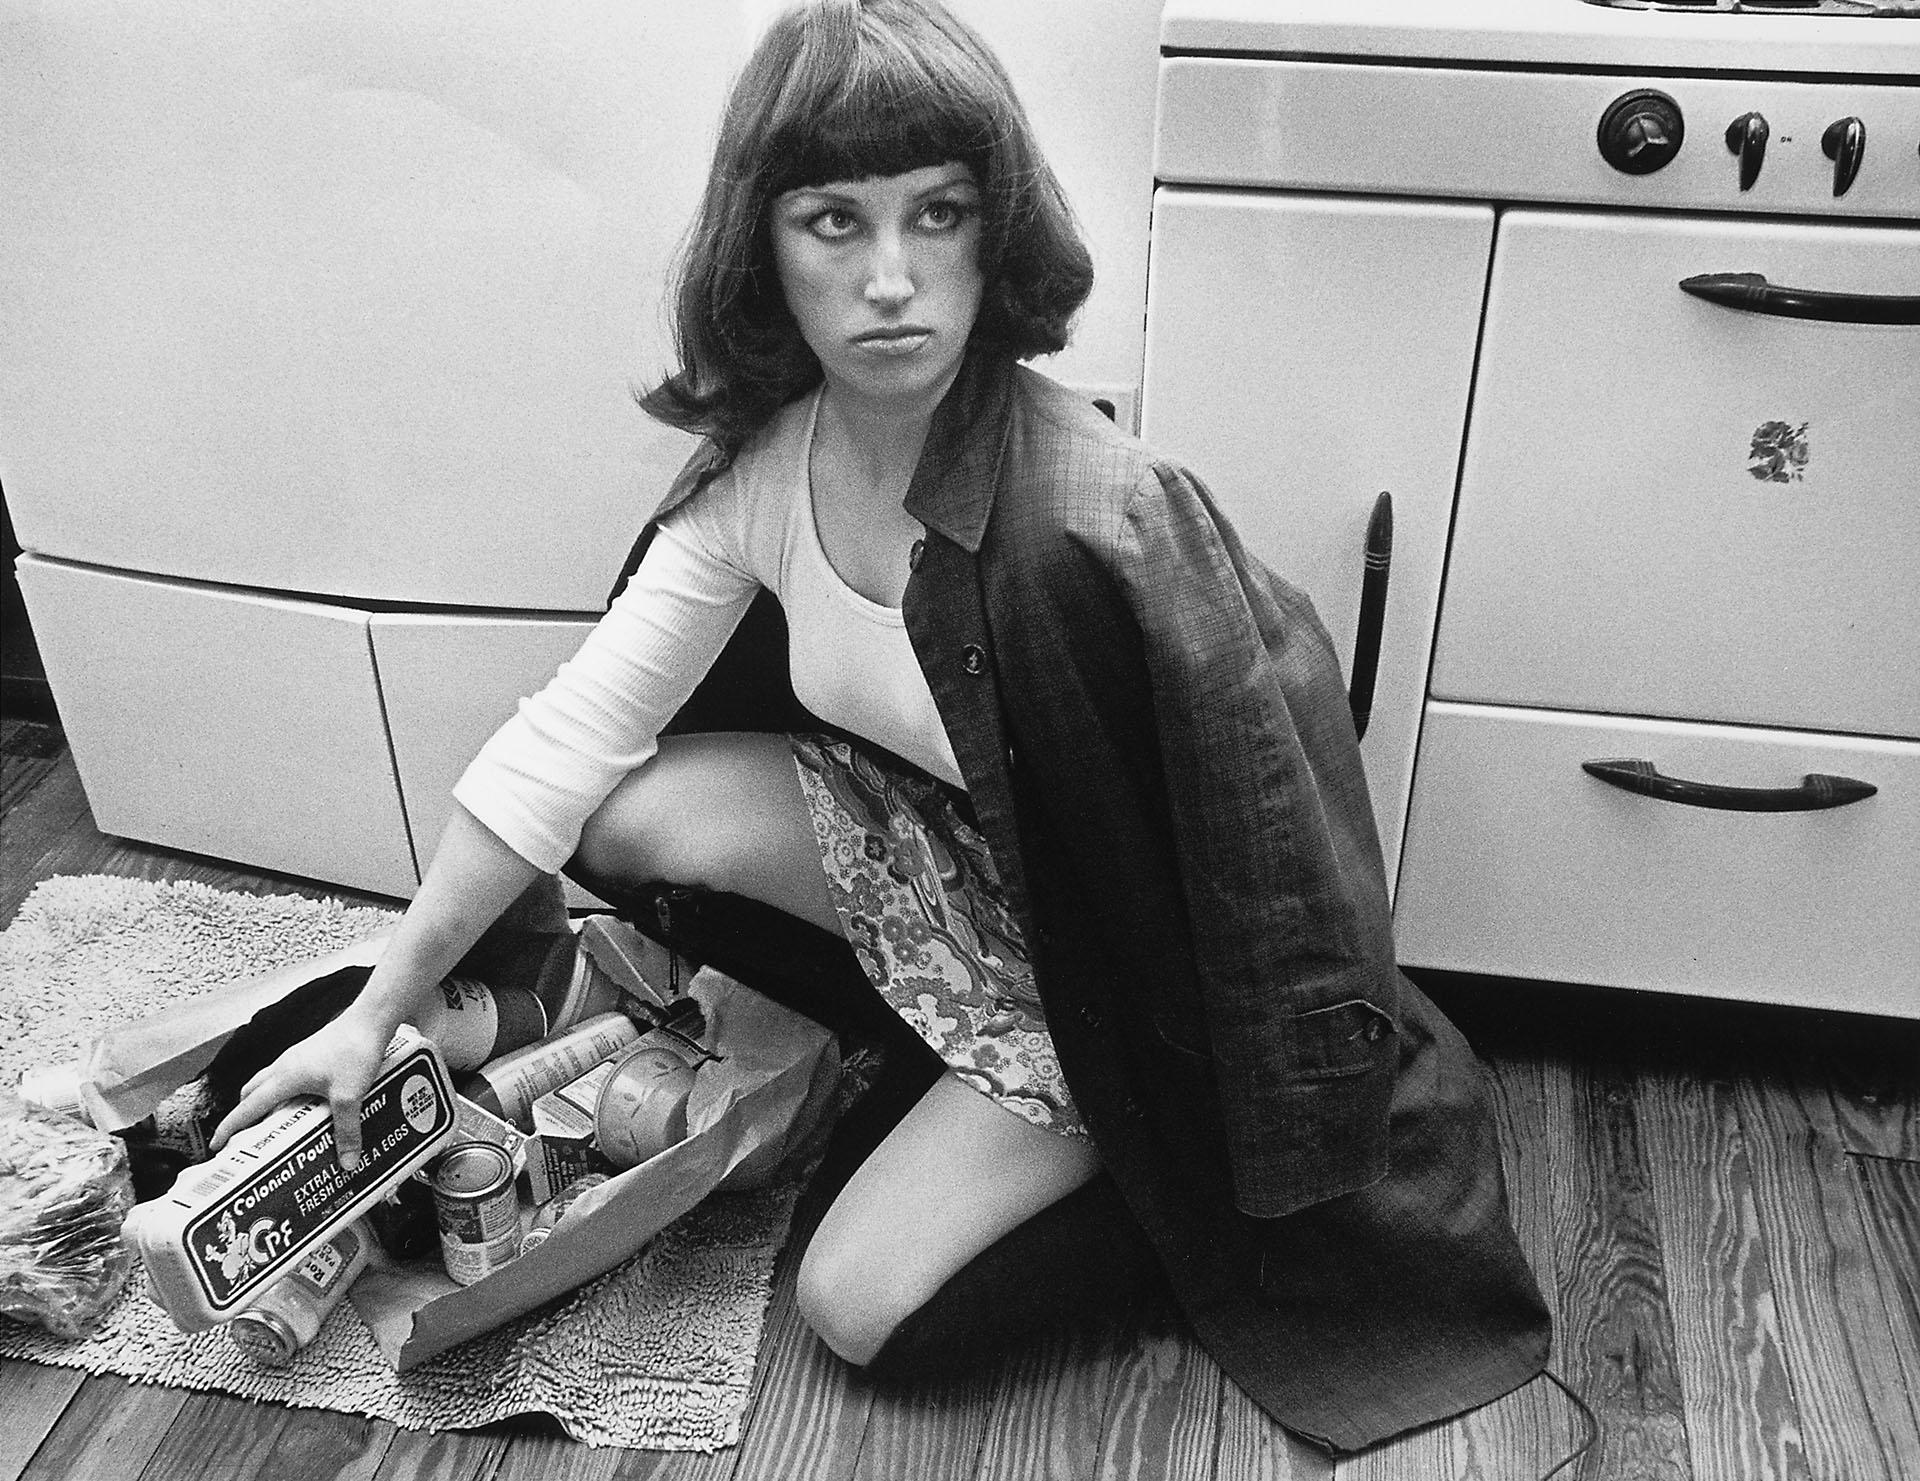 Cindy Sherman (Estados Unidos, 1954)desarrolló las características apropiaciones de personajes que se transformaron en su marca de autora, creando escenas basadas en referencias a la estética popular e ideas del sentido común, en particular, ciertos estereotipos femeninos tomados del cine, las revistas, la publicidad y las artes.A lo largo de su carrera, utilizó y manipuló imágenes, inventando nuevos tipos de imaginarios que, de un modo extremadamente original, cuentan historias sobre la vida de las mujeres en nuestras sociedades.Su originalidad se basa esencialmente en una gran habilidad para crear un amplio rango de personajes con la ayuda de maquillajes y prótesis: Sherman utiliza su propio cuerpo como soporte y materia cruda, y fija esos personajes en el medio fotográfico. Su cuerpo transformativo, pero anclado en una realidad social, es tanto pintura como escultura